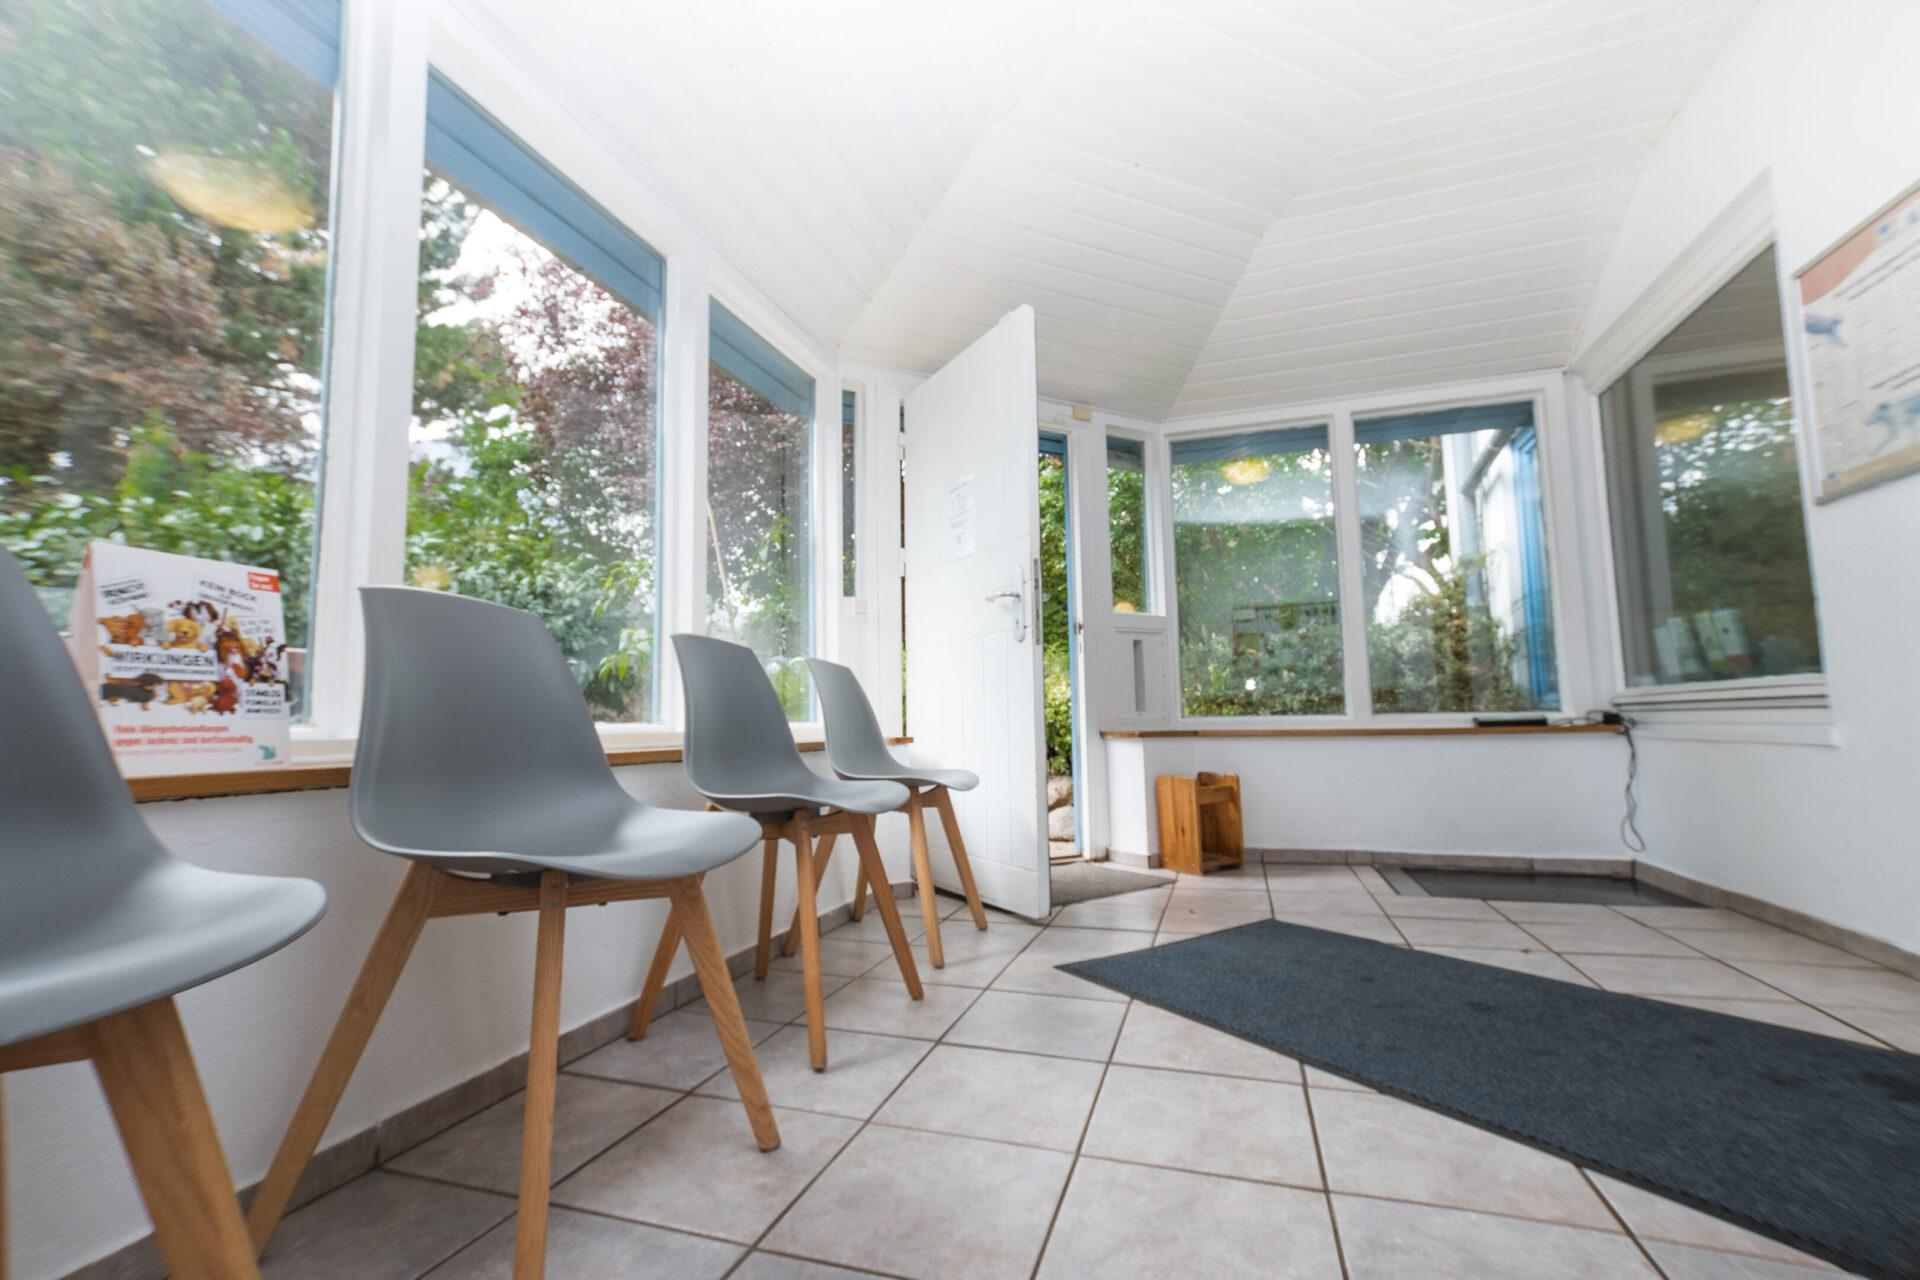 KR000650 Kleintierpraxis Kronshagen - Tierazt Kiel (ehm. Jochen Grusdt)